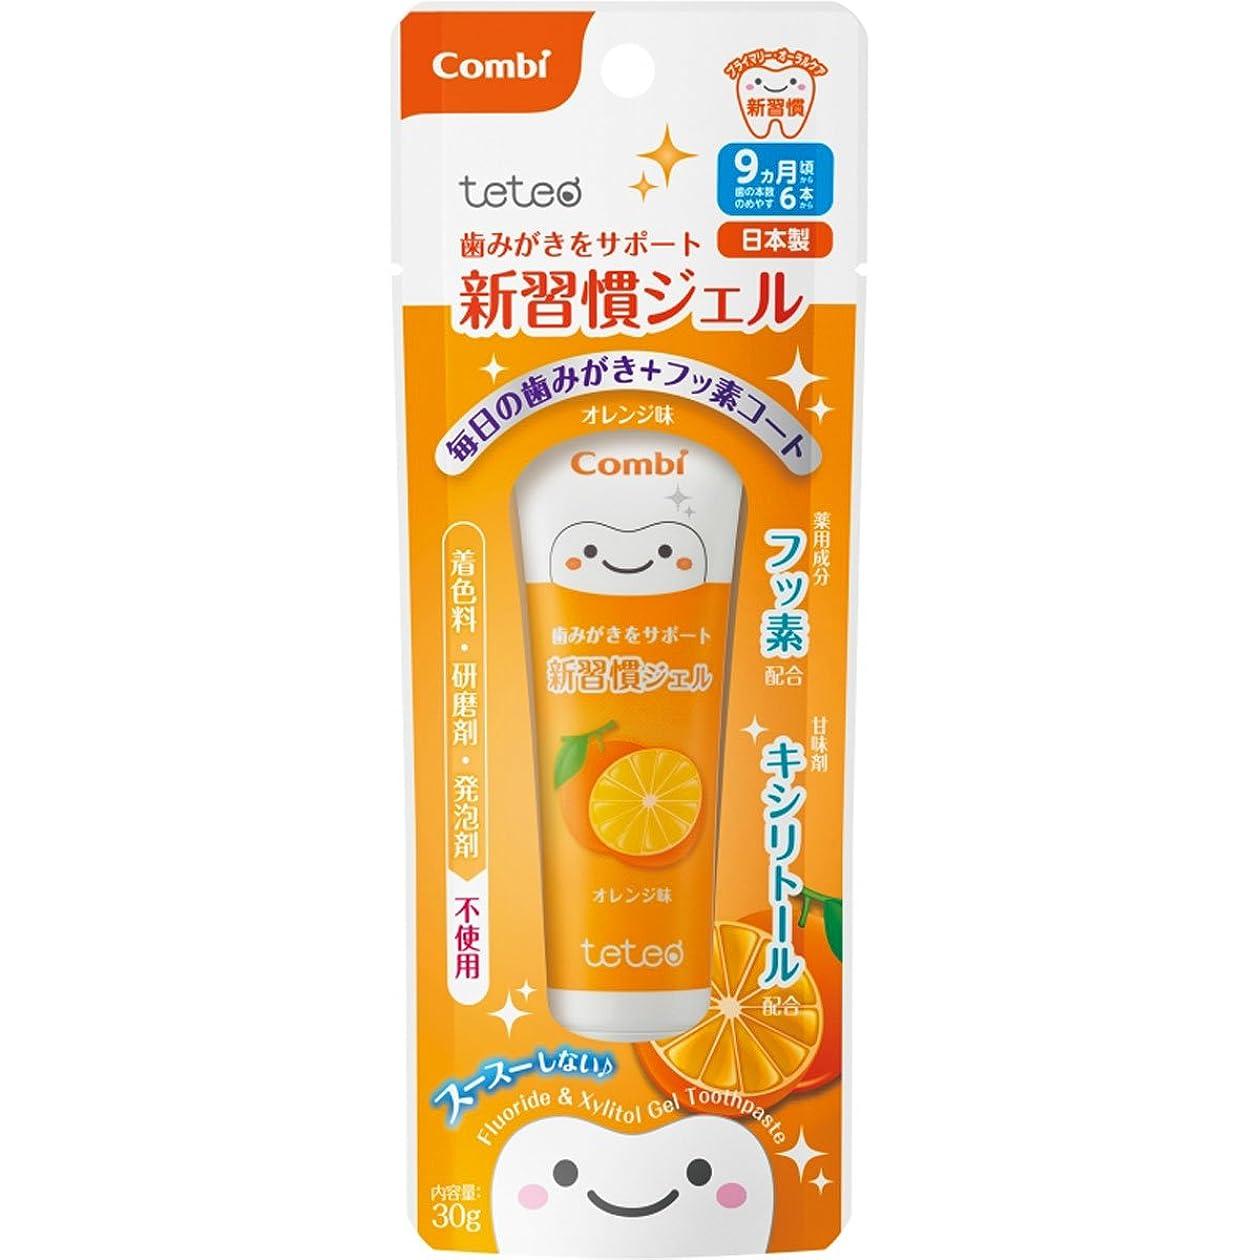 ゴミ箱派生する不信【テテオ】歯みがきサポート 新習慣ジェル オレンジ味 30g×3個